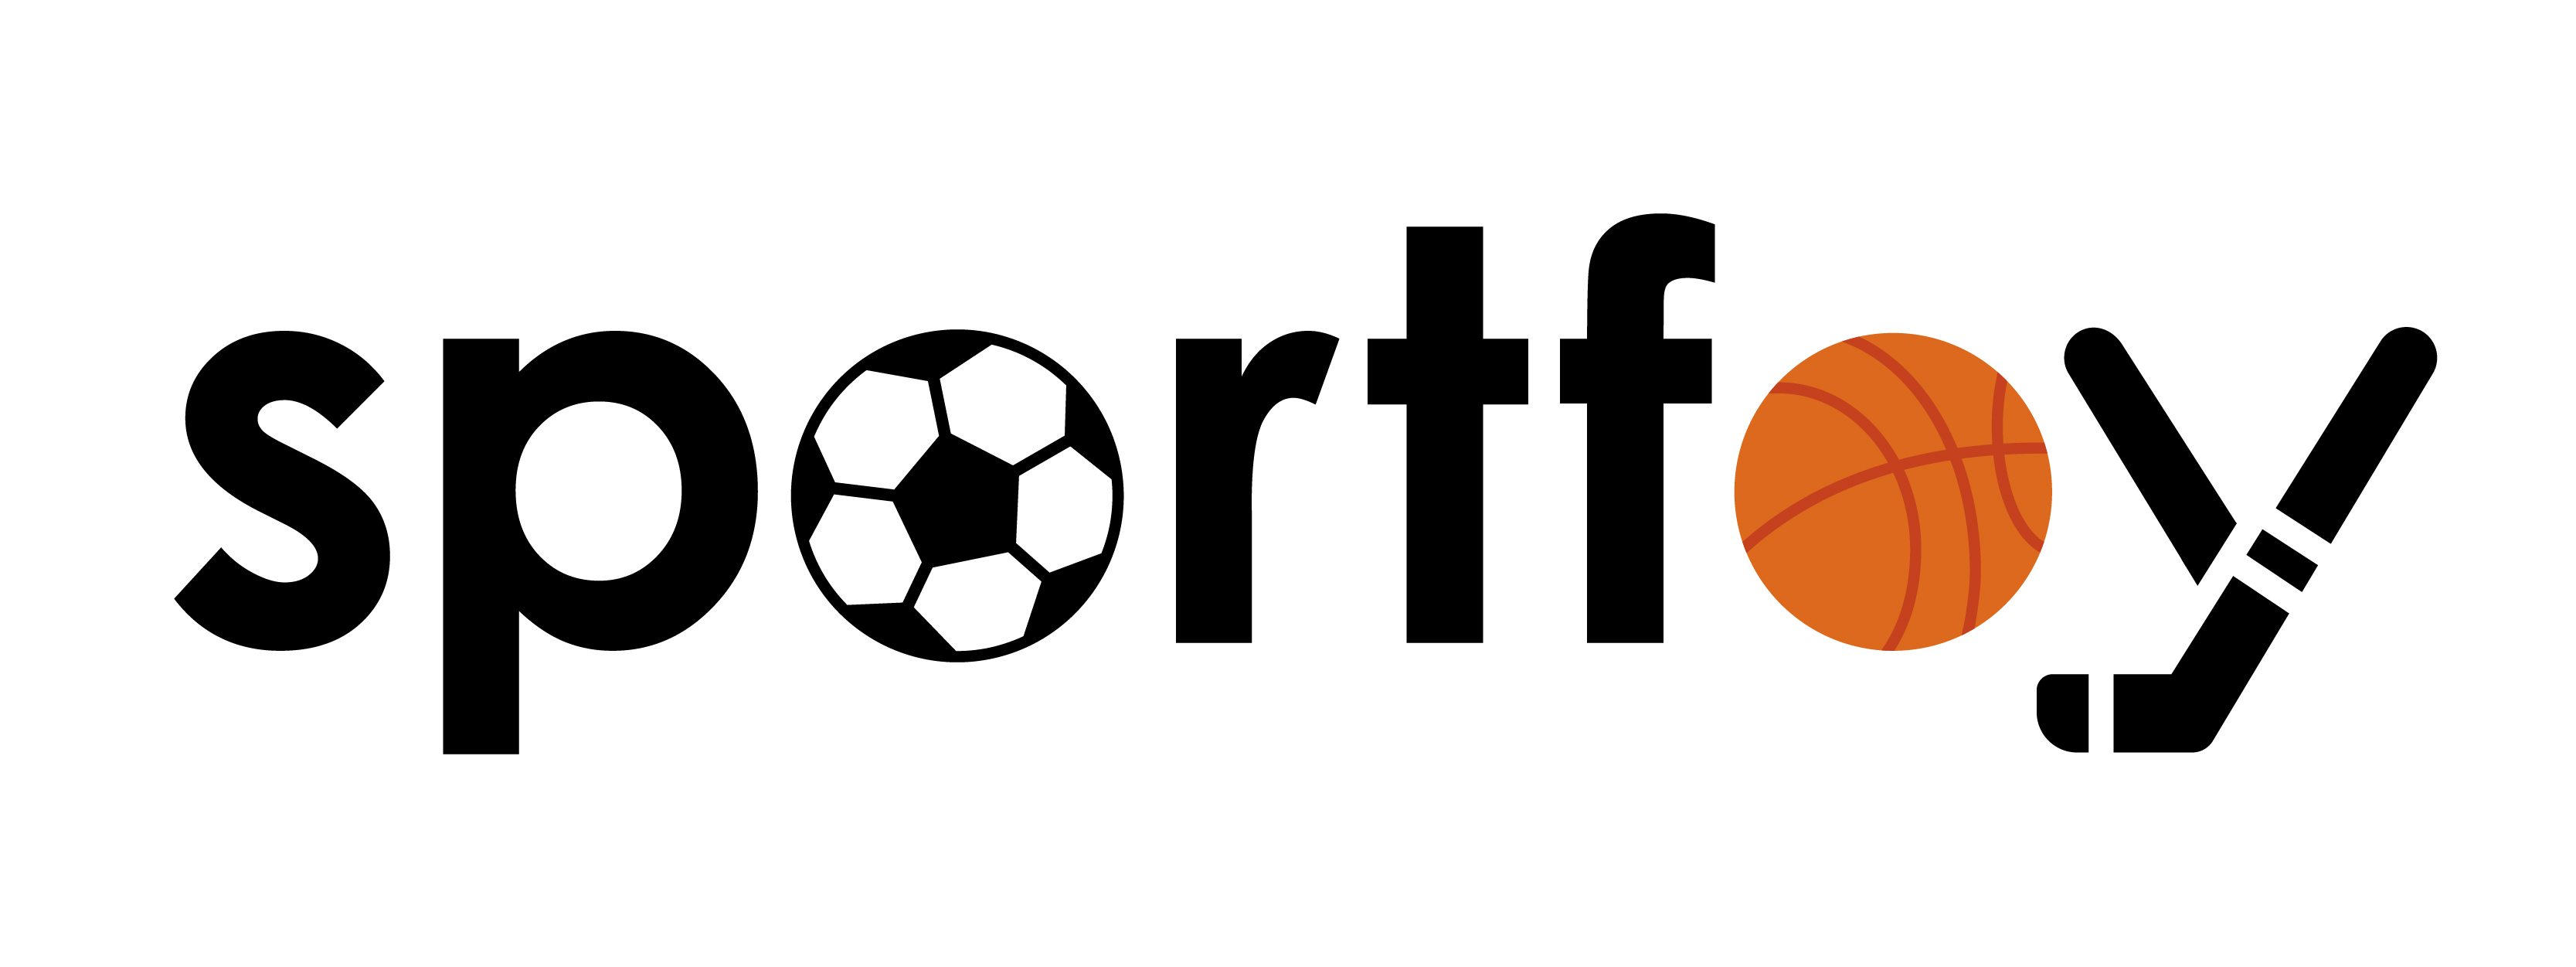 sportfoy.com